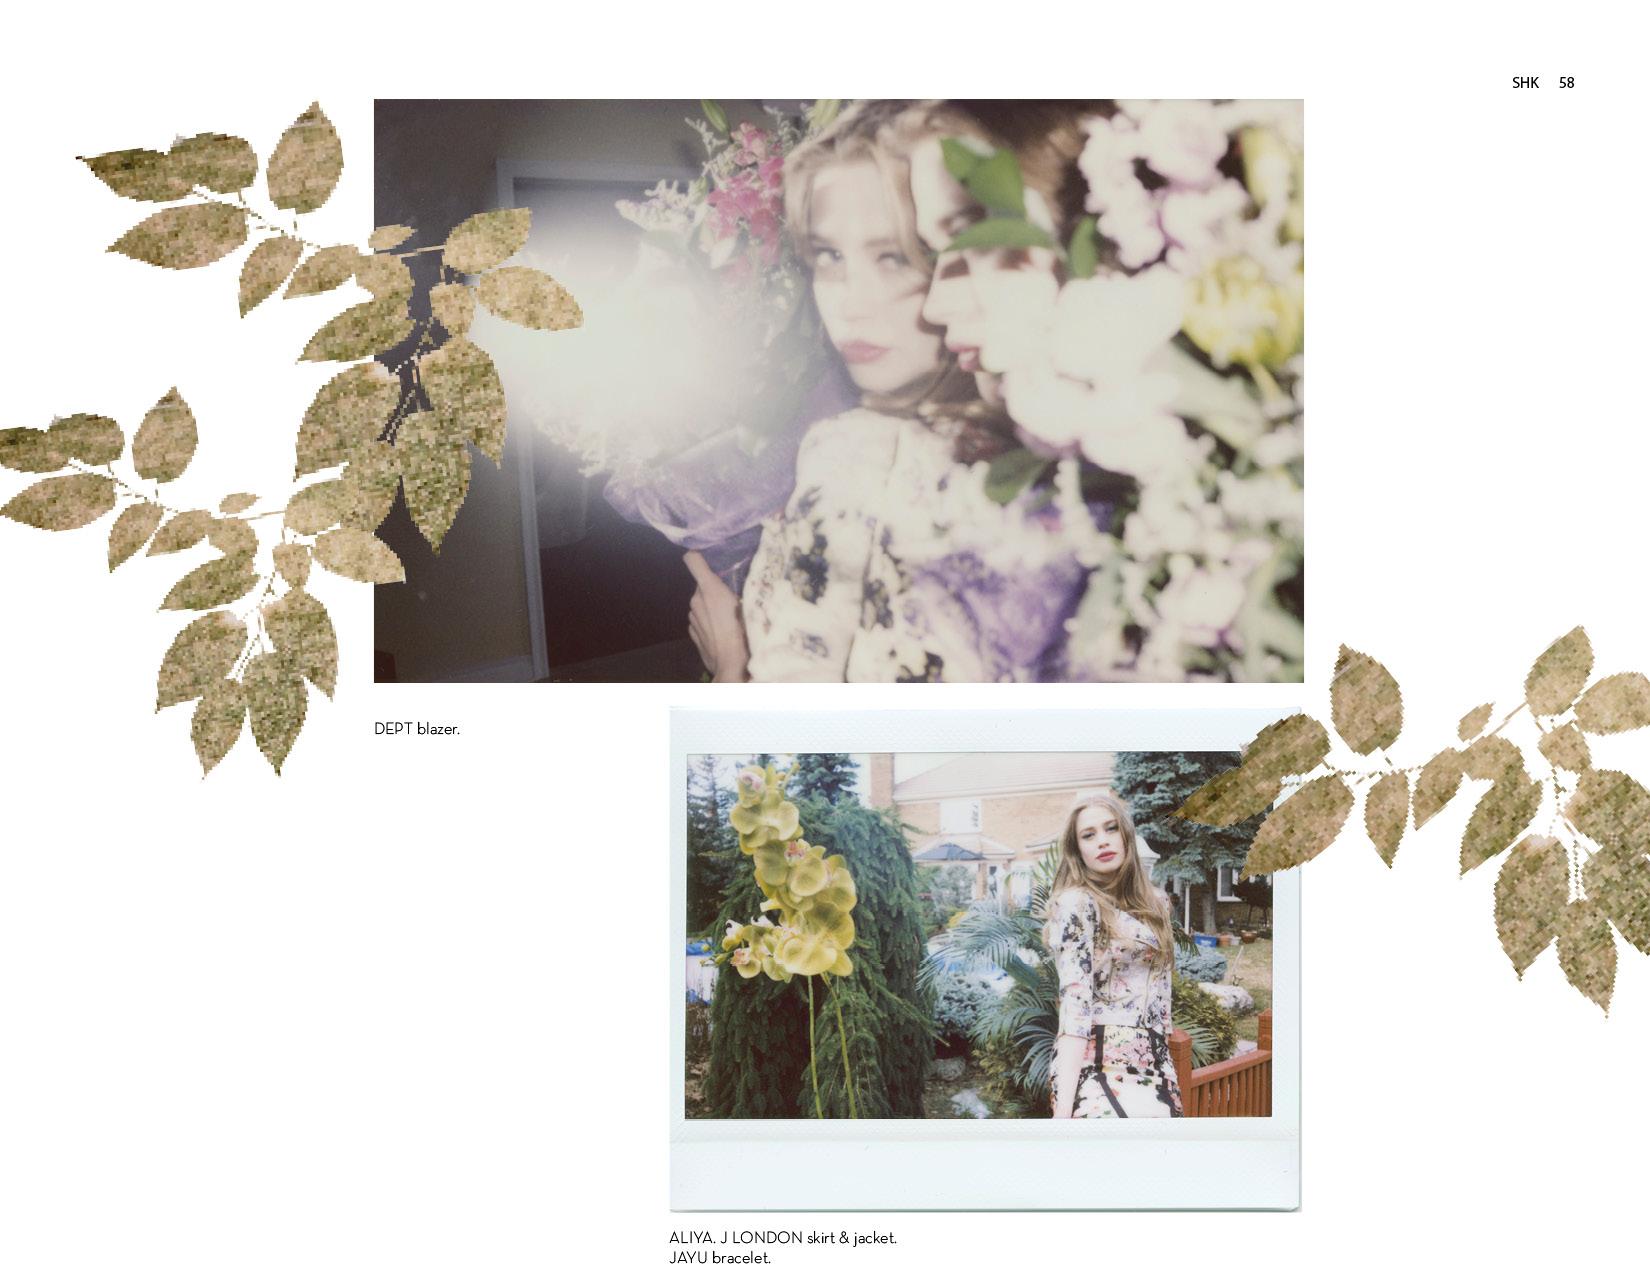 SHK-Summer-Issue-Summer-Needs-No-Explaination-201358.jpg